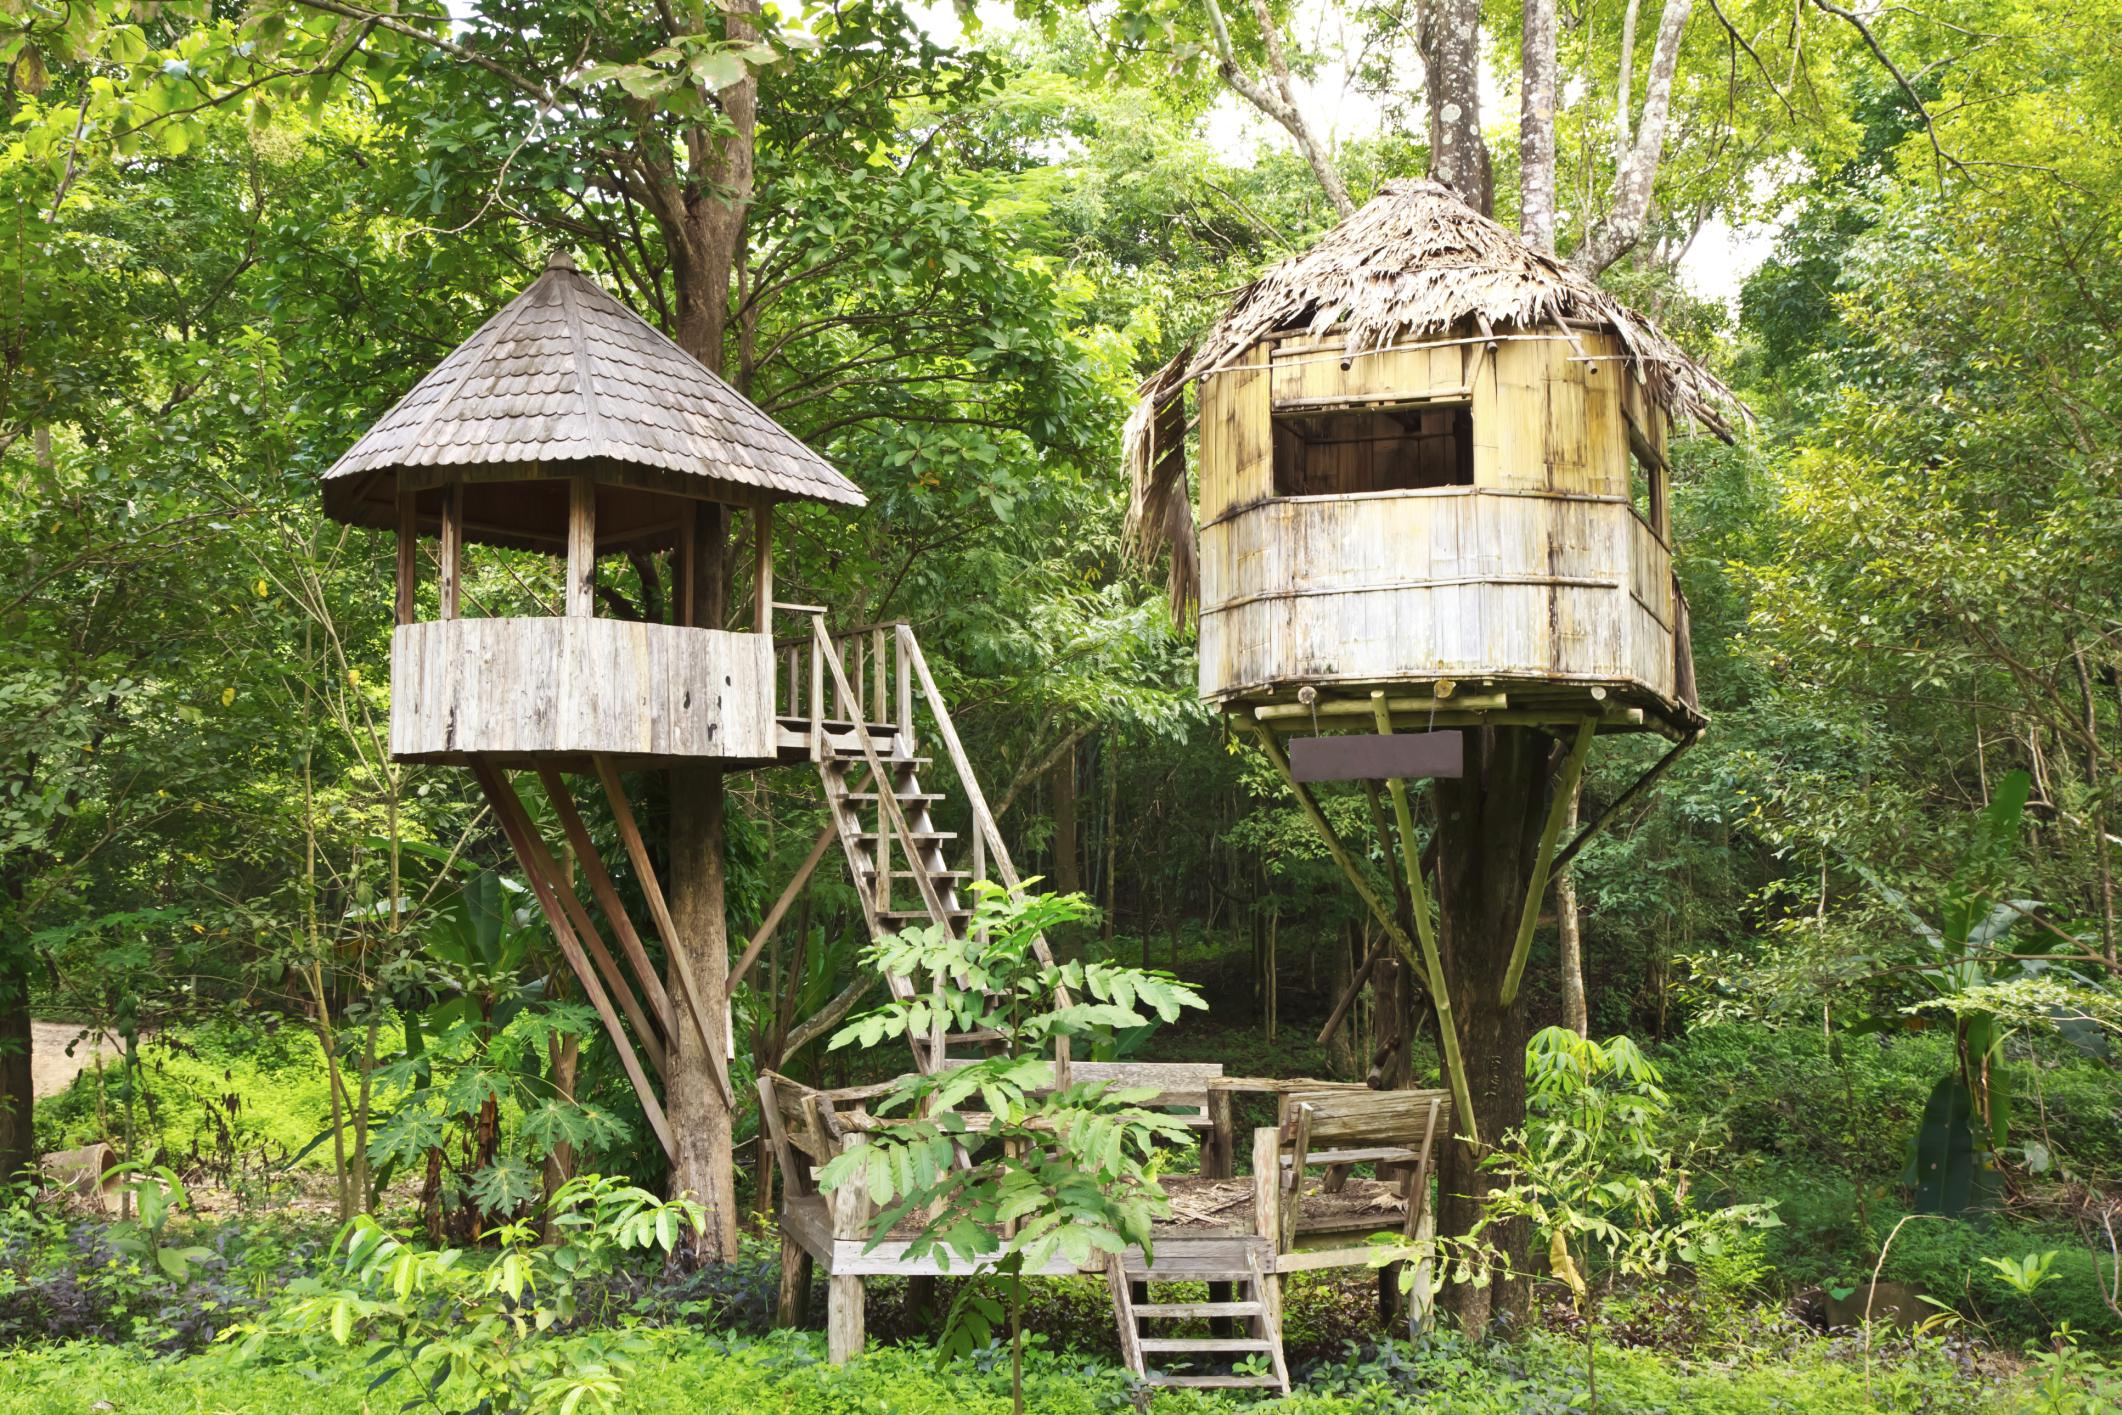 Honeymoon ideas - stay in a treehouse